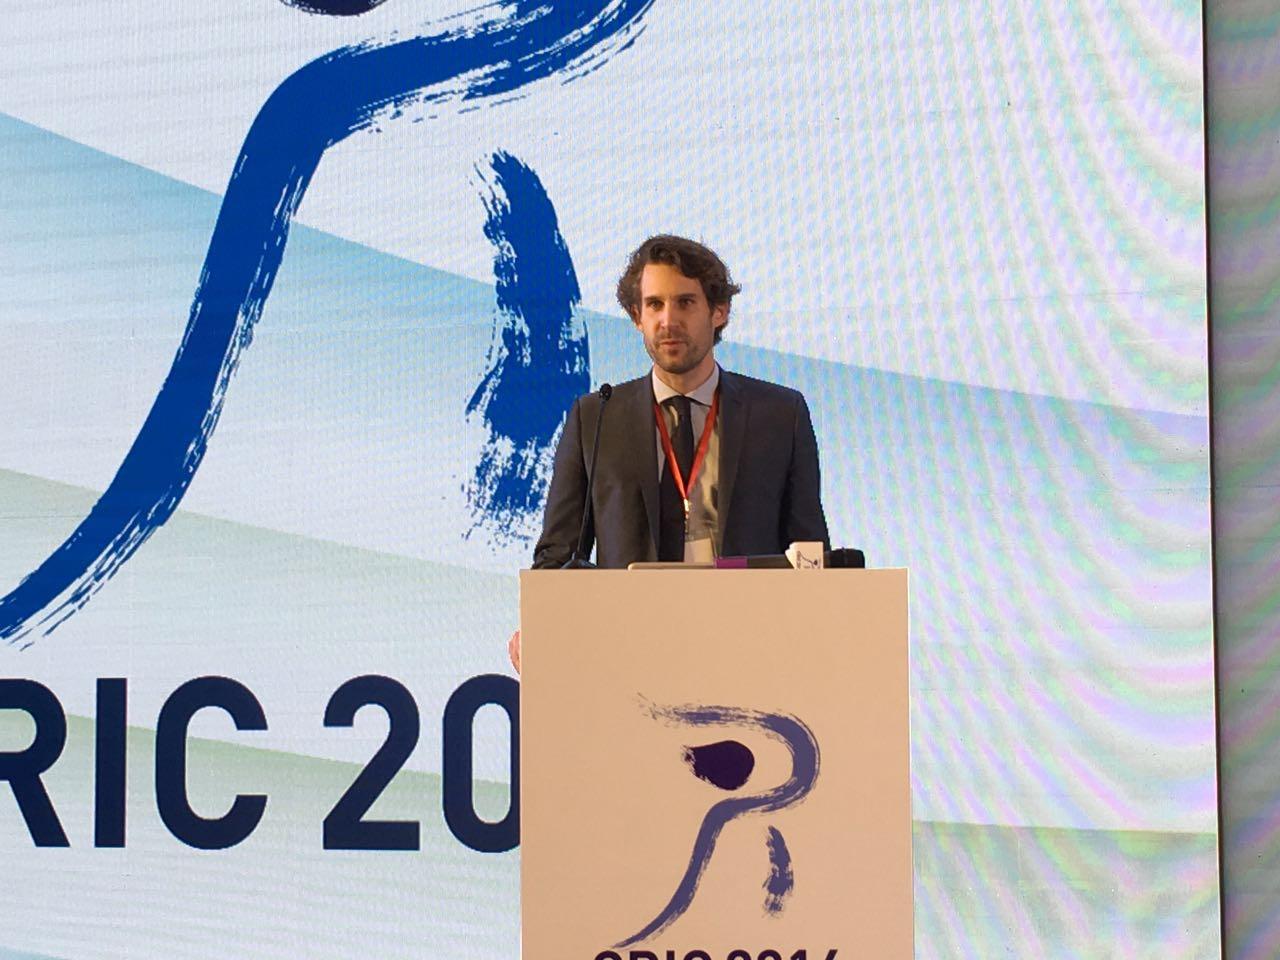 世界经济论坛政府事务负责人Kris Broekaert :机器人在内的五项颠覆性技术将重新塑造未来生产